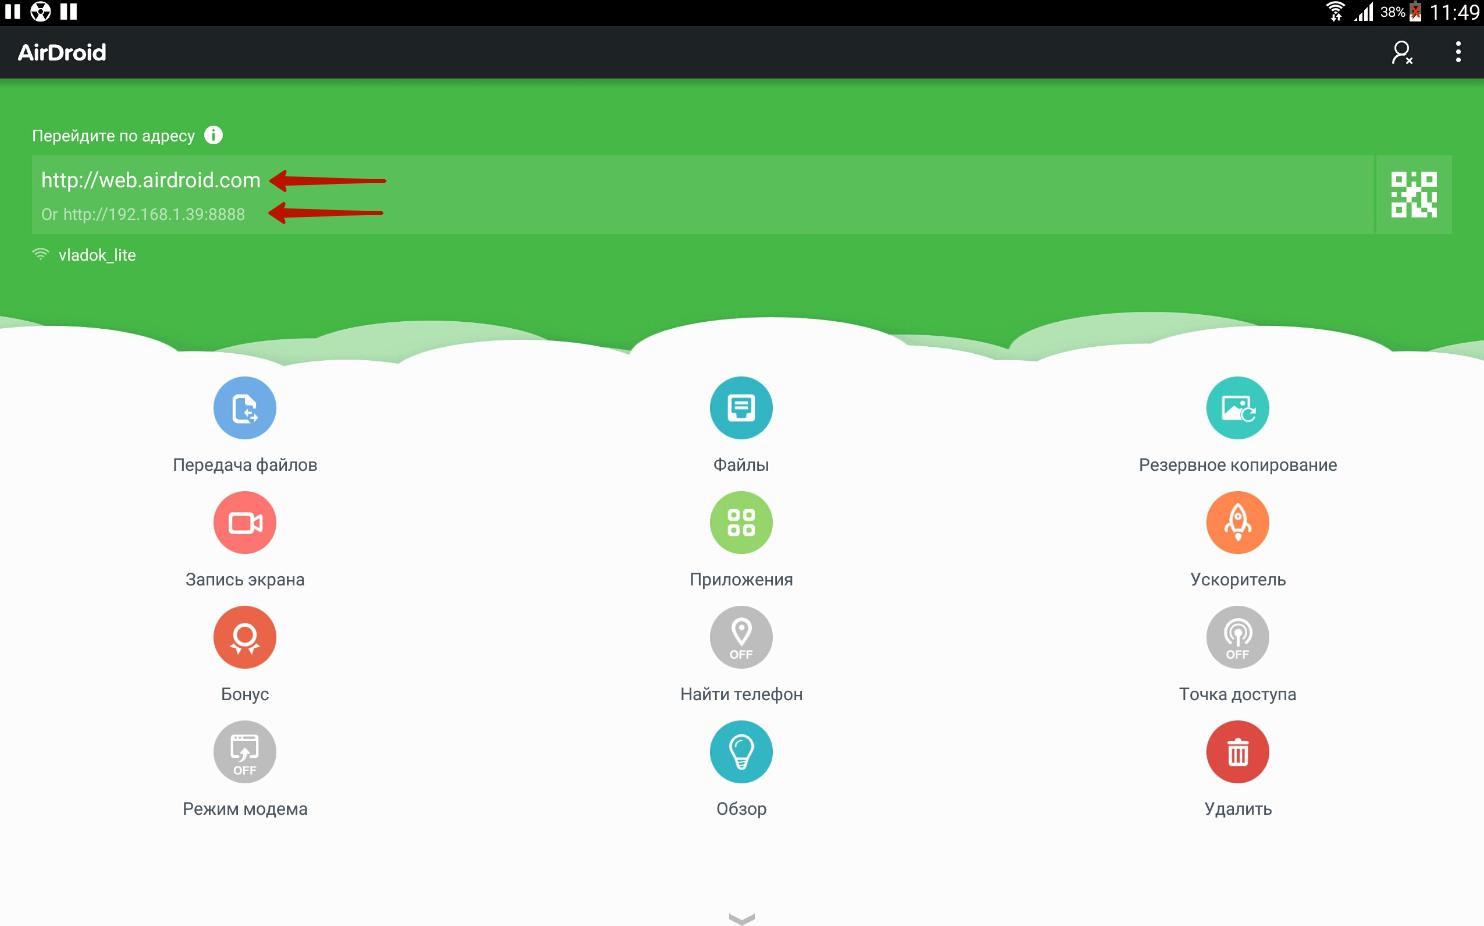 Androidde Google ile kişileri PC üzerinden nasıl senkronize edebilirim